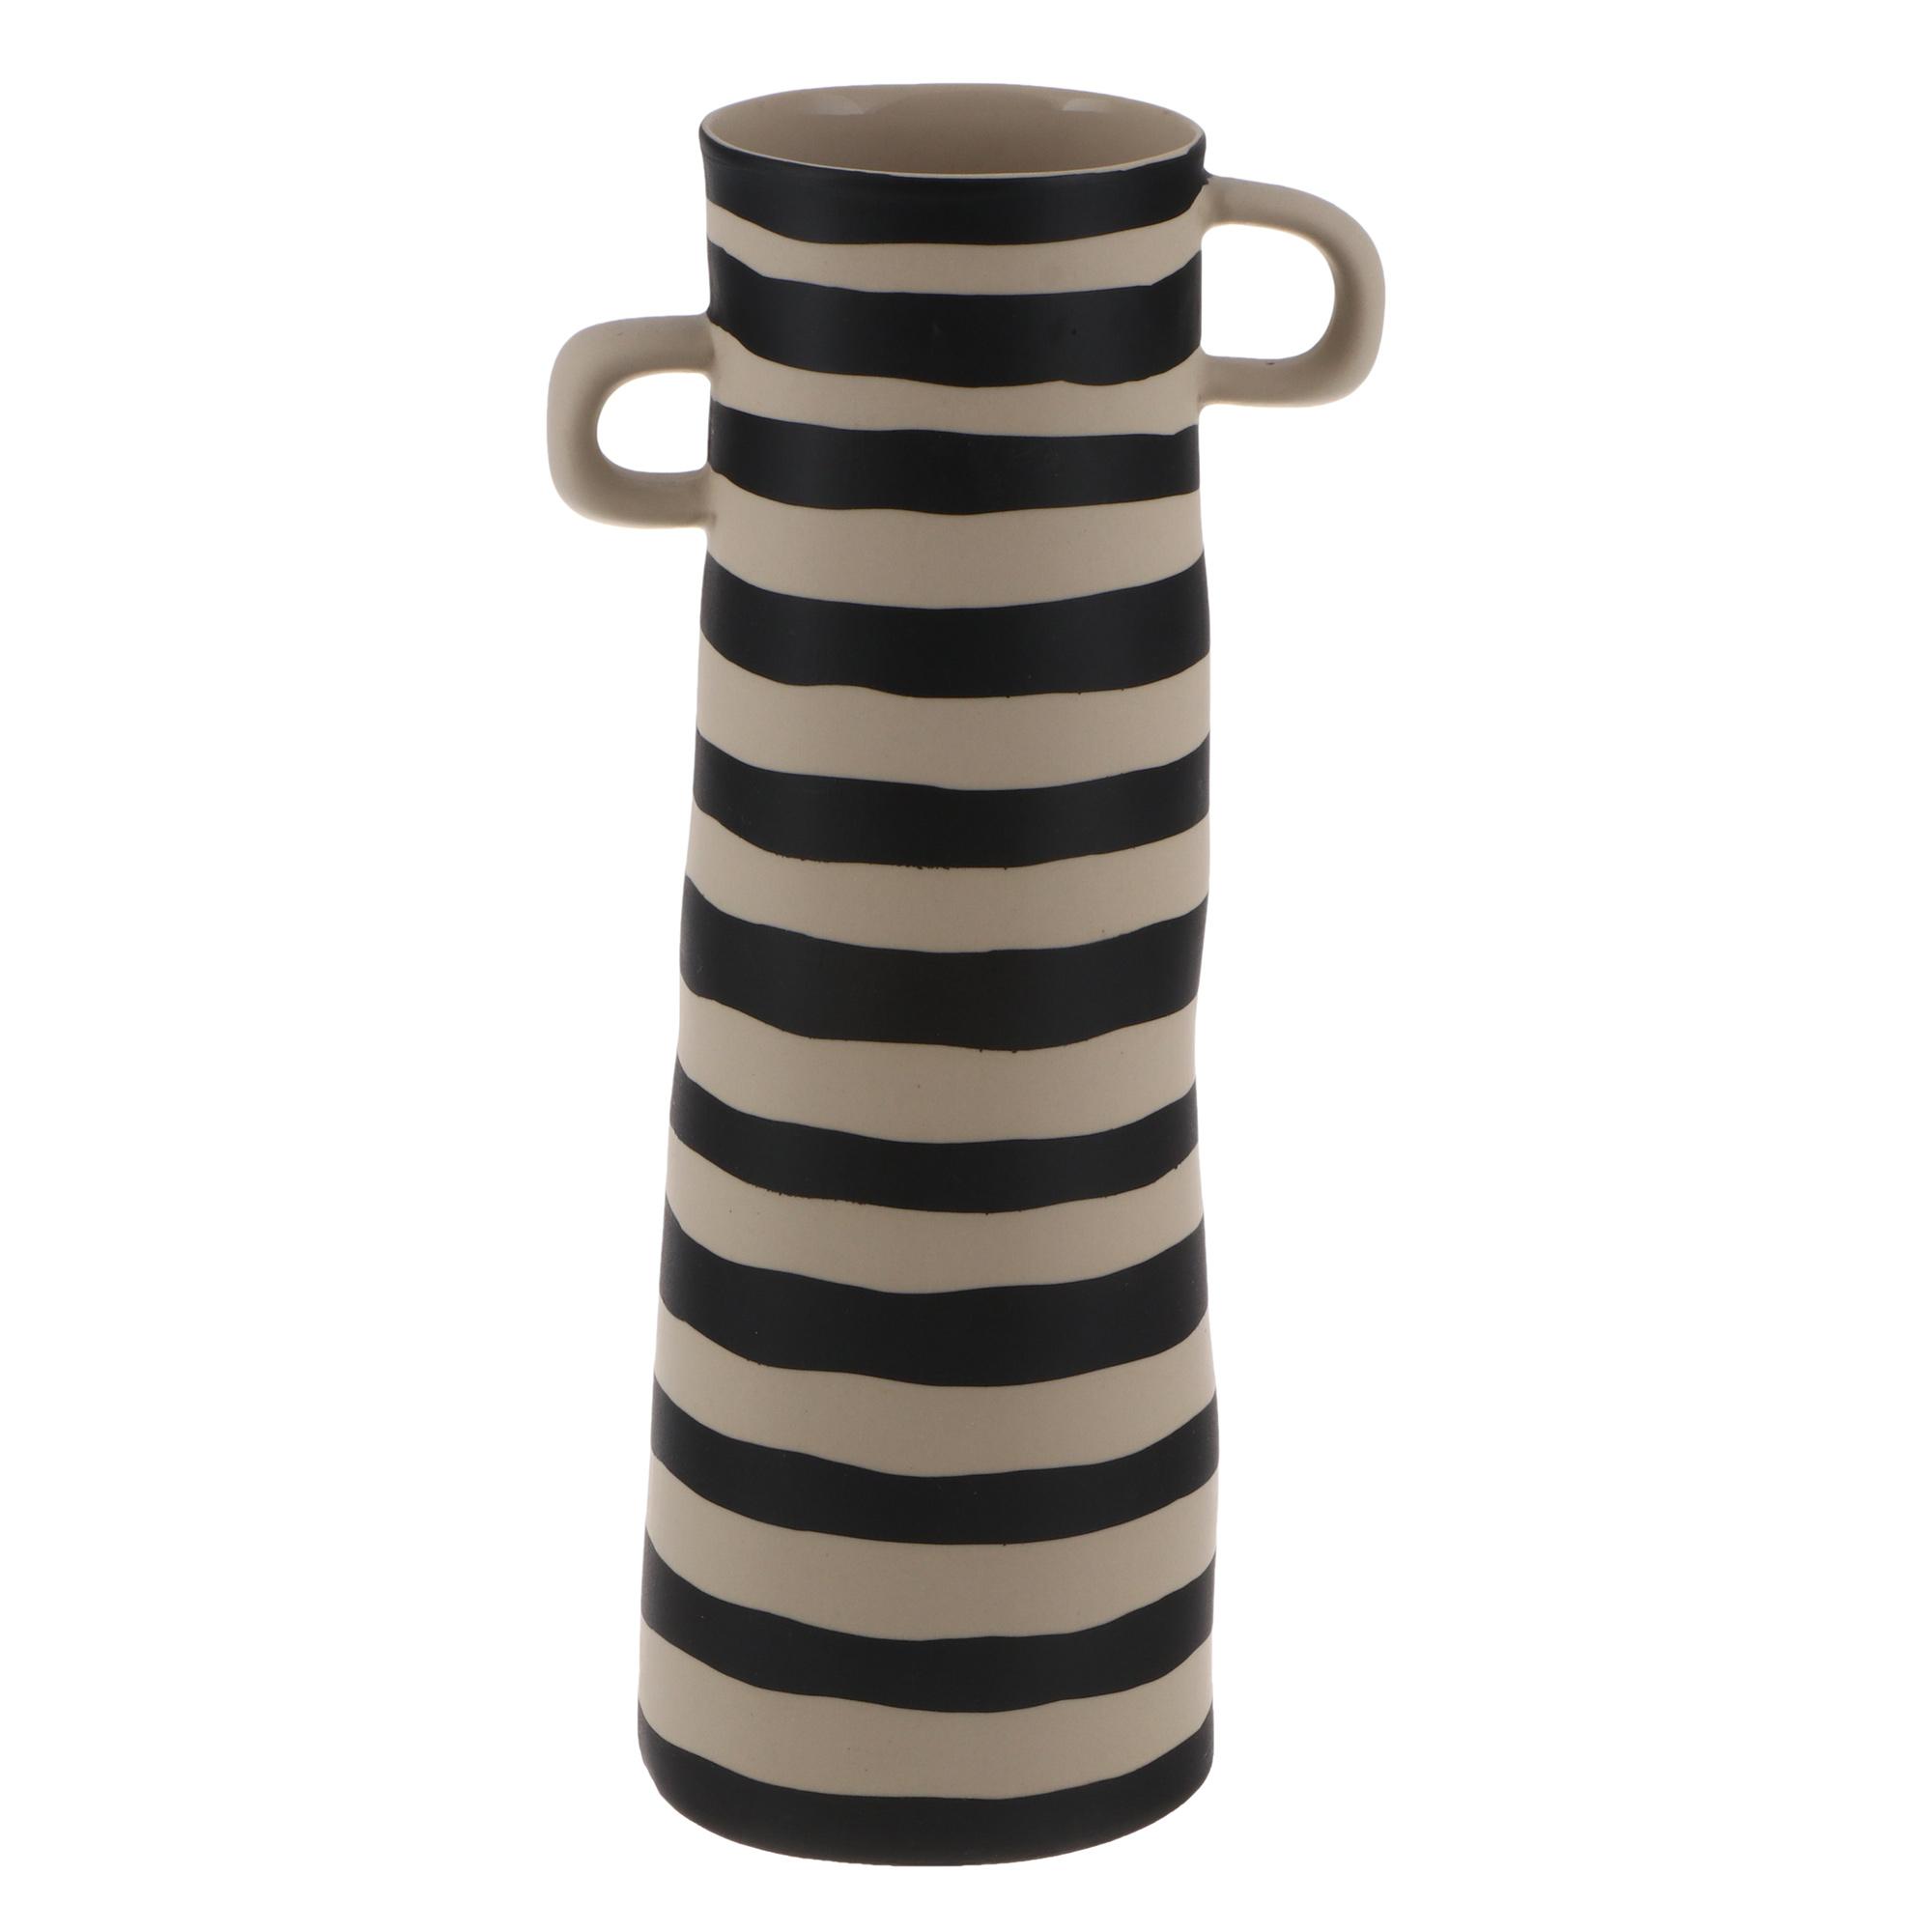 Фото - Ваза полосатая Asa selection 28 см черно-белая ваза asa selection carve серо бежевая 16 см